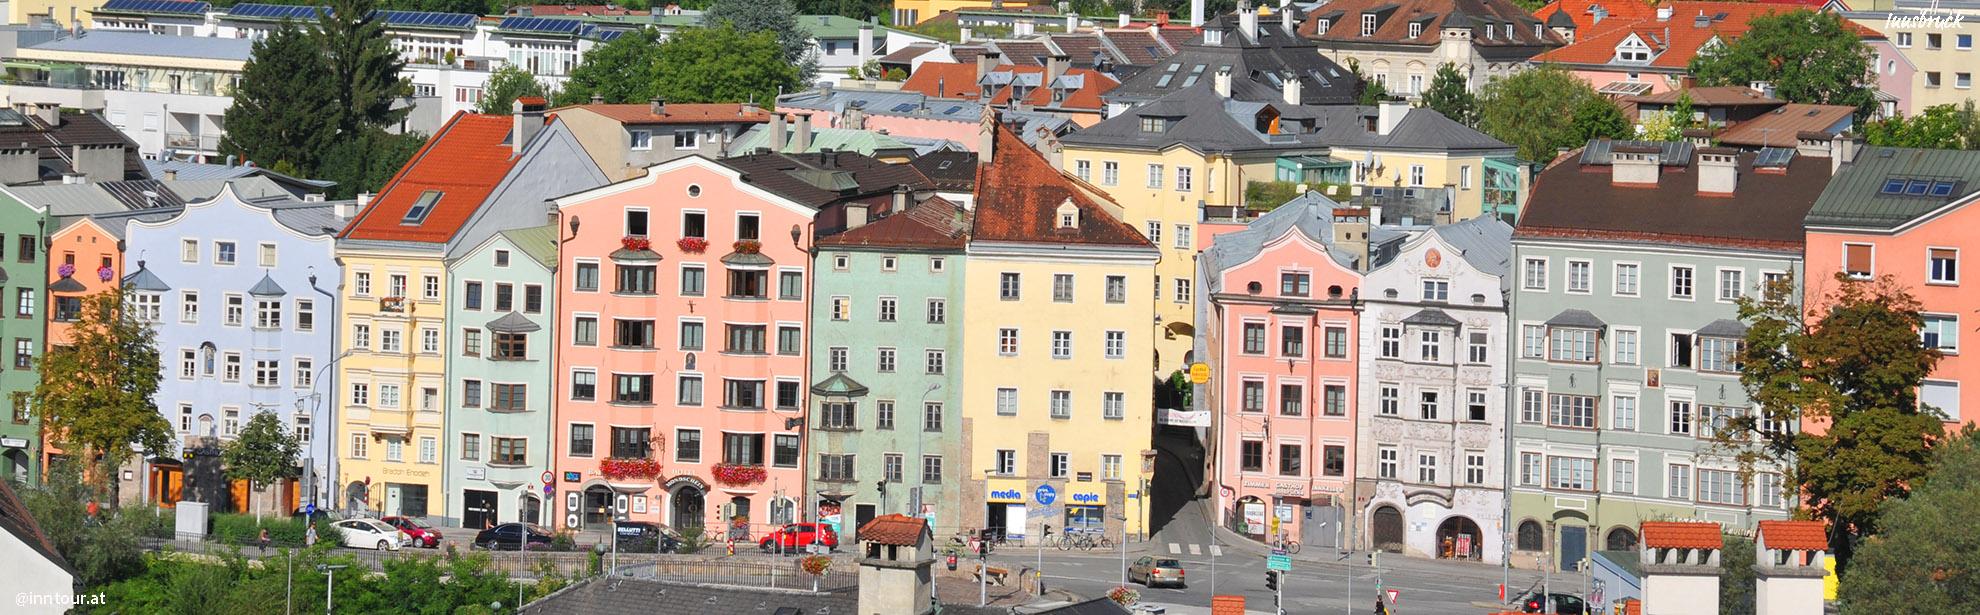 Oinntour_Innsbruck-Mariahilf_DSC_2483